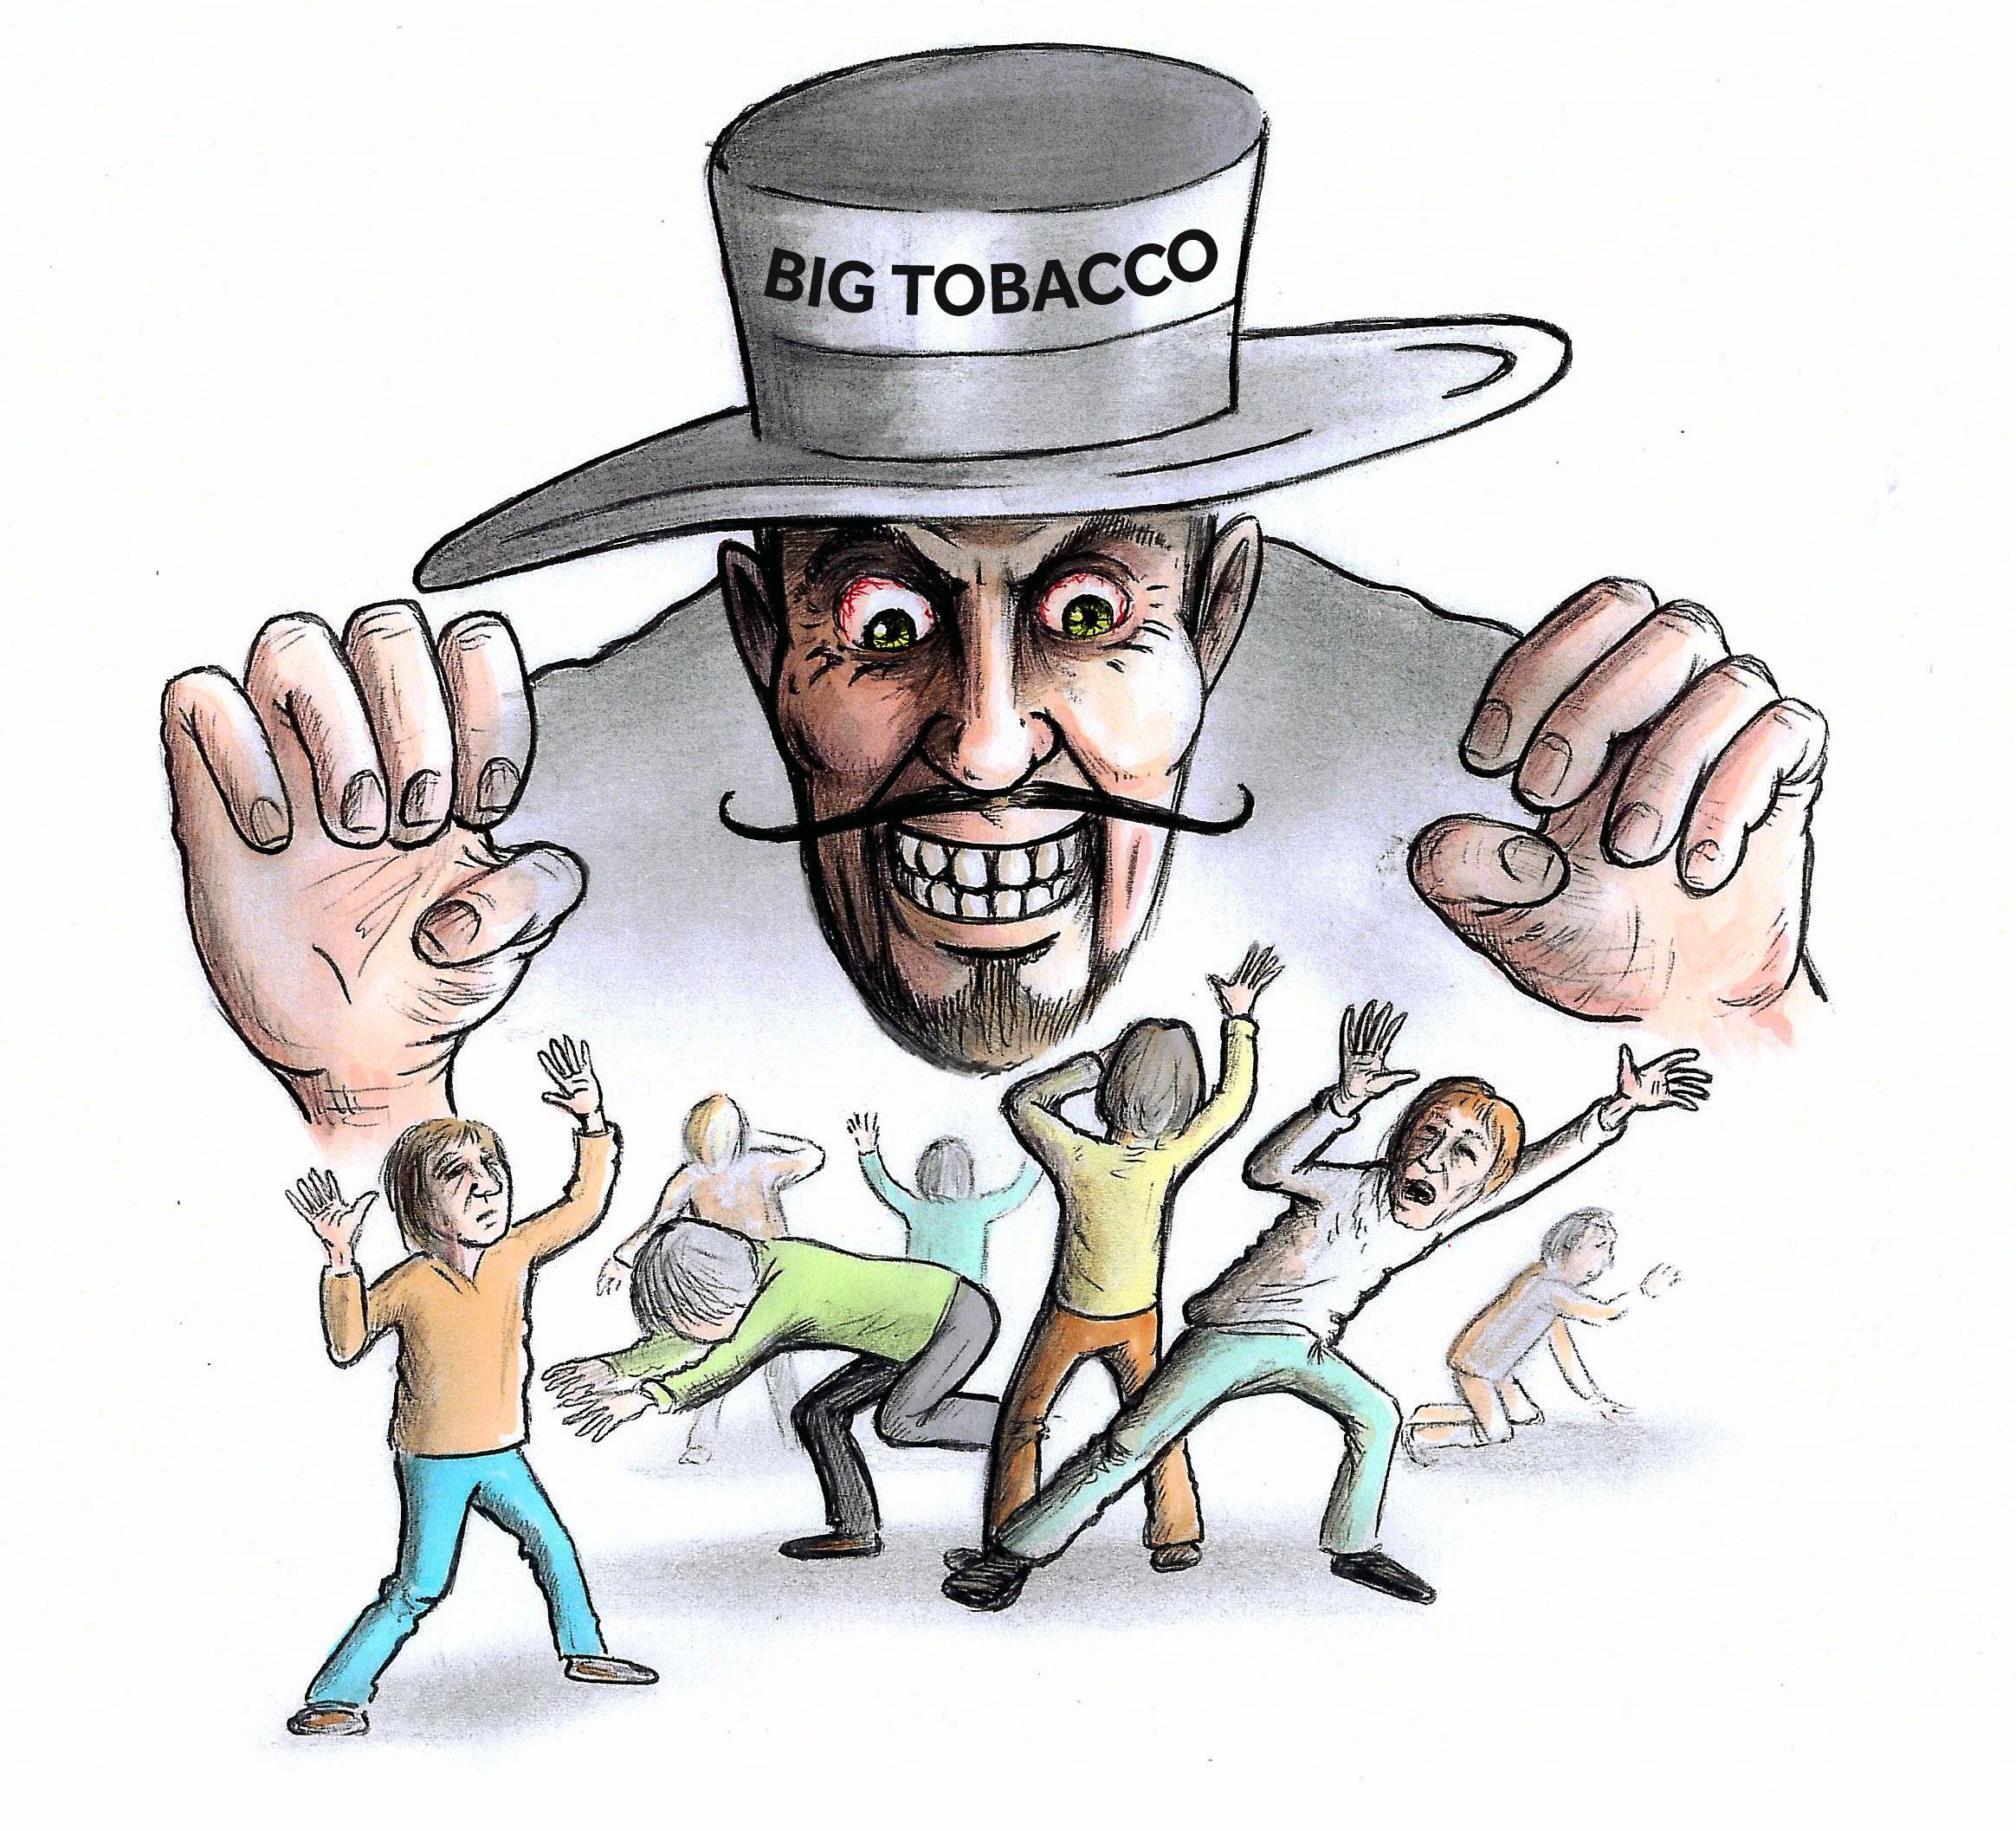 Big Tobacco's vaping creep